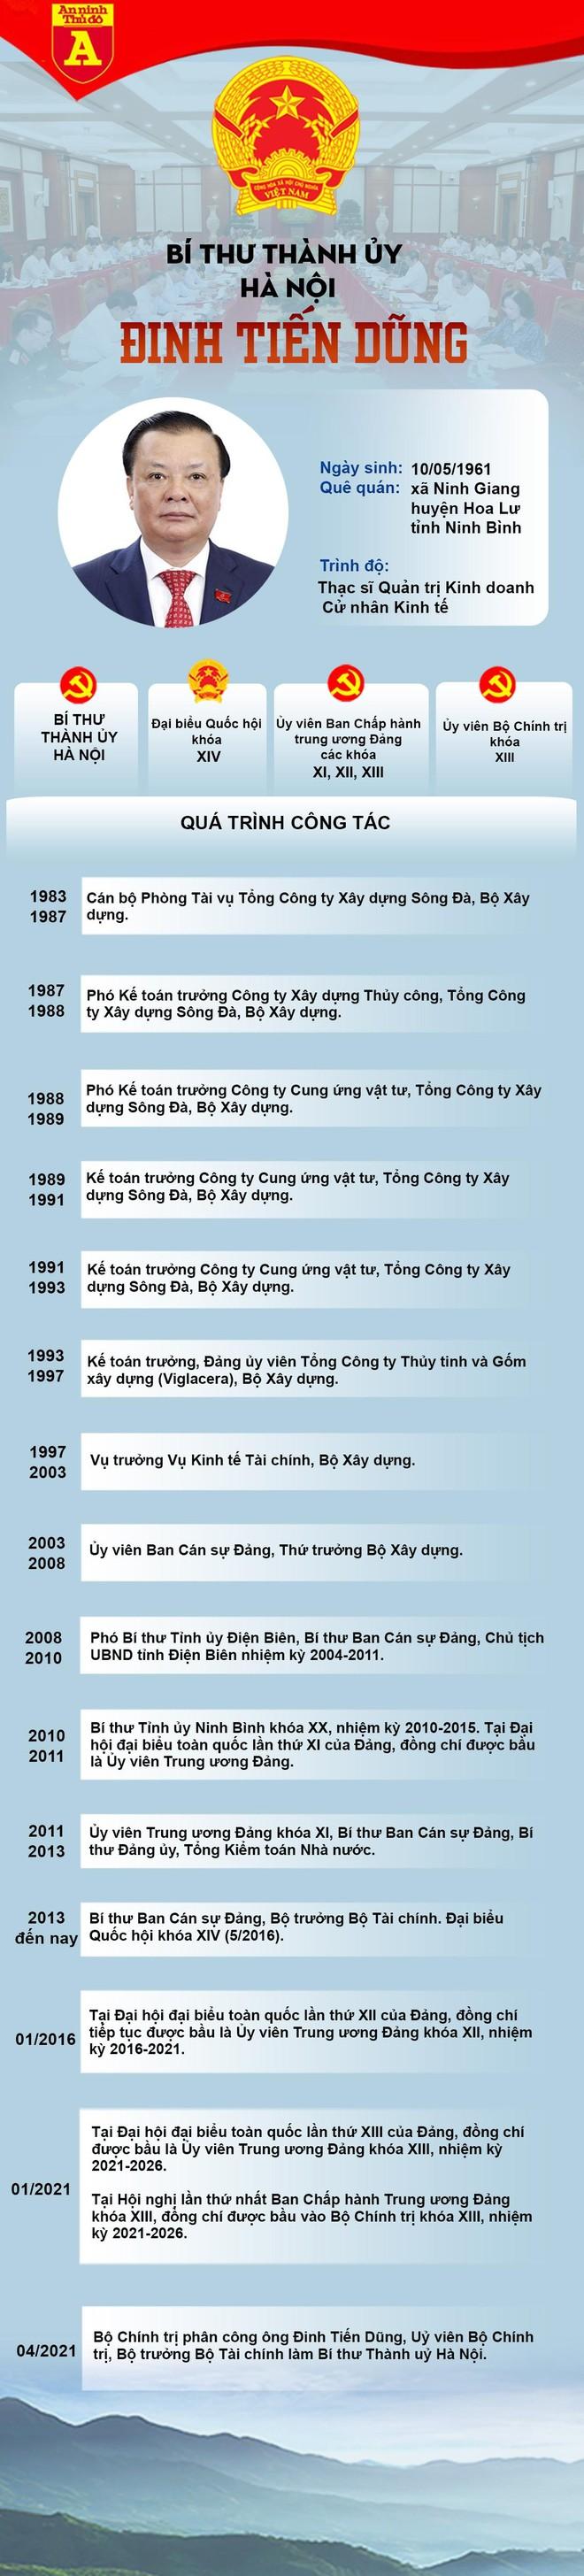 [Info] Tân Bí thư Thành ủy Hà Nội Đinh Tiến Dũng ảnh 1